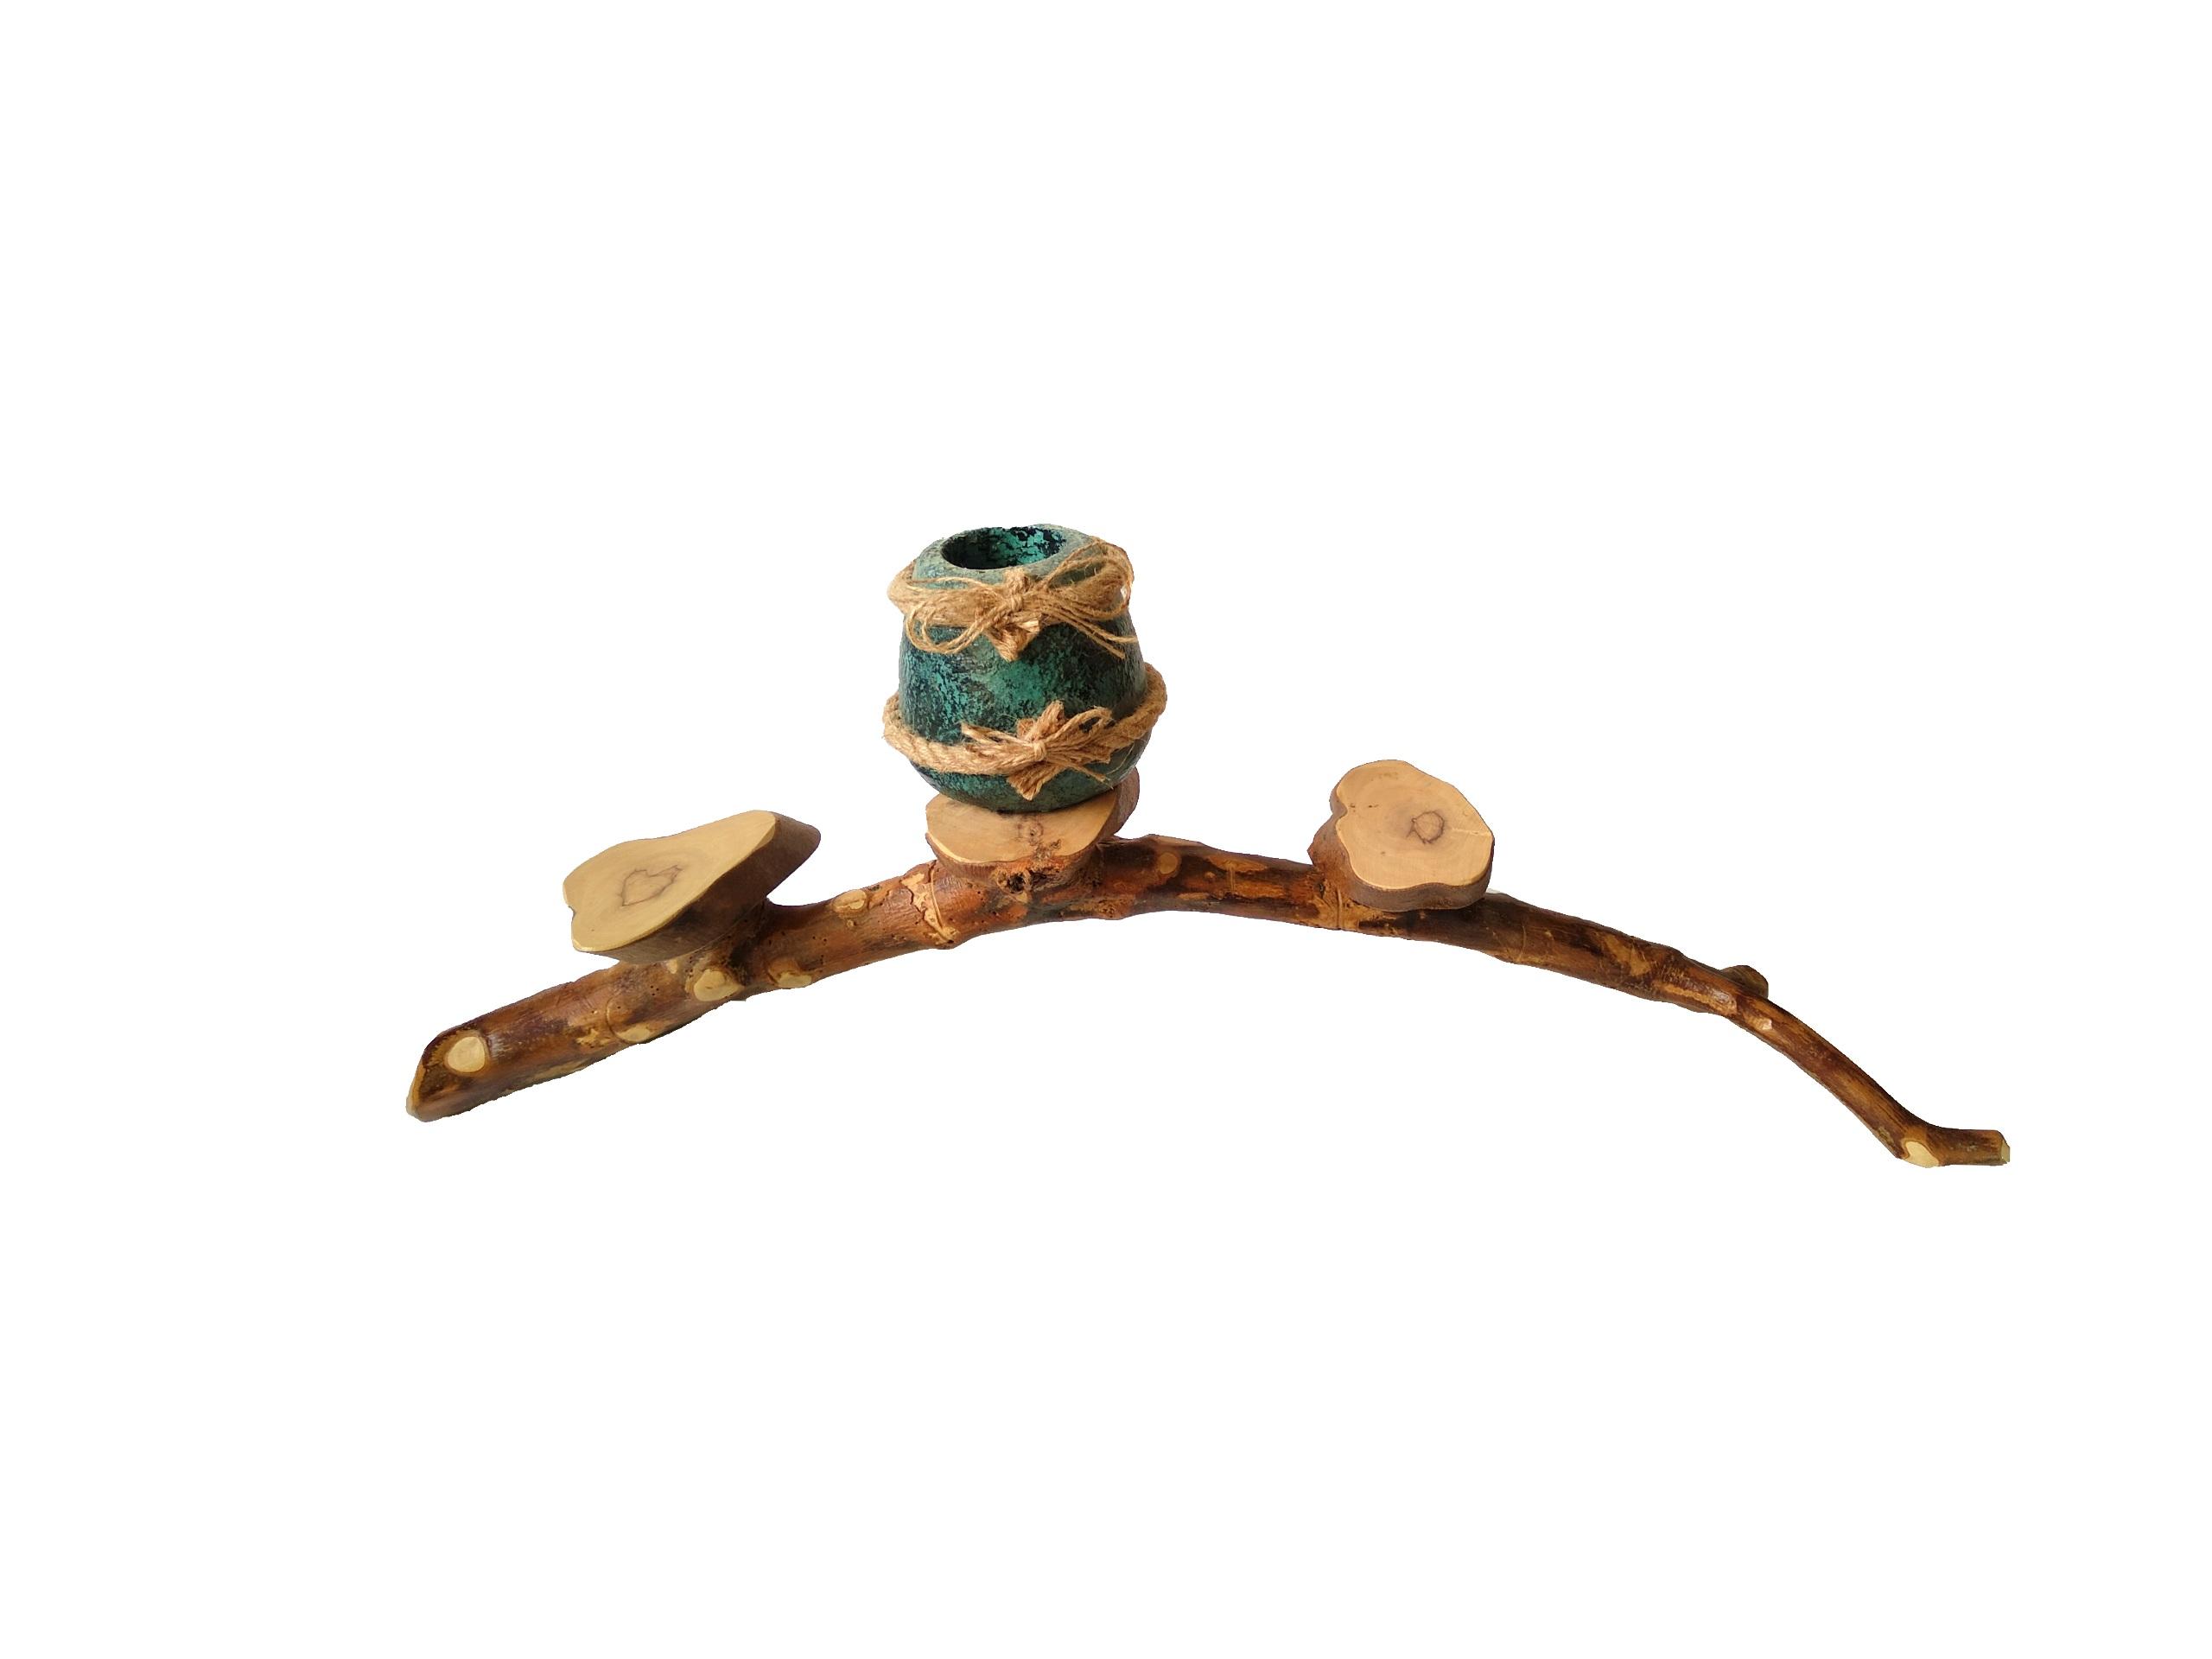 Βάση για κεριά από ξύλο ελιάς CAN04